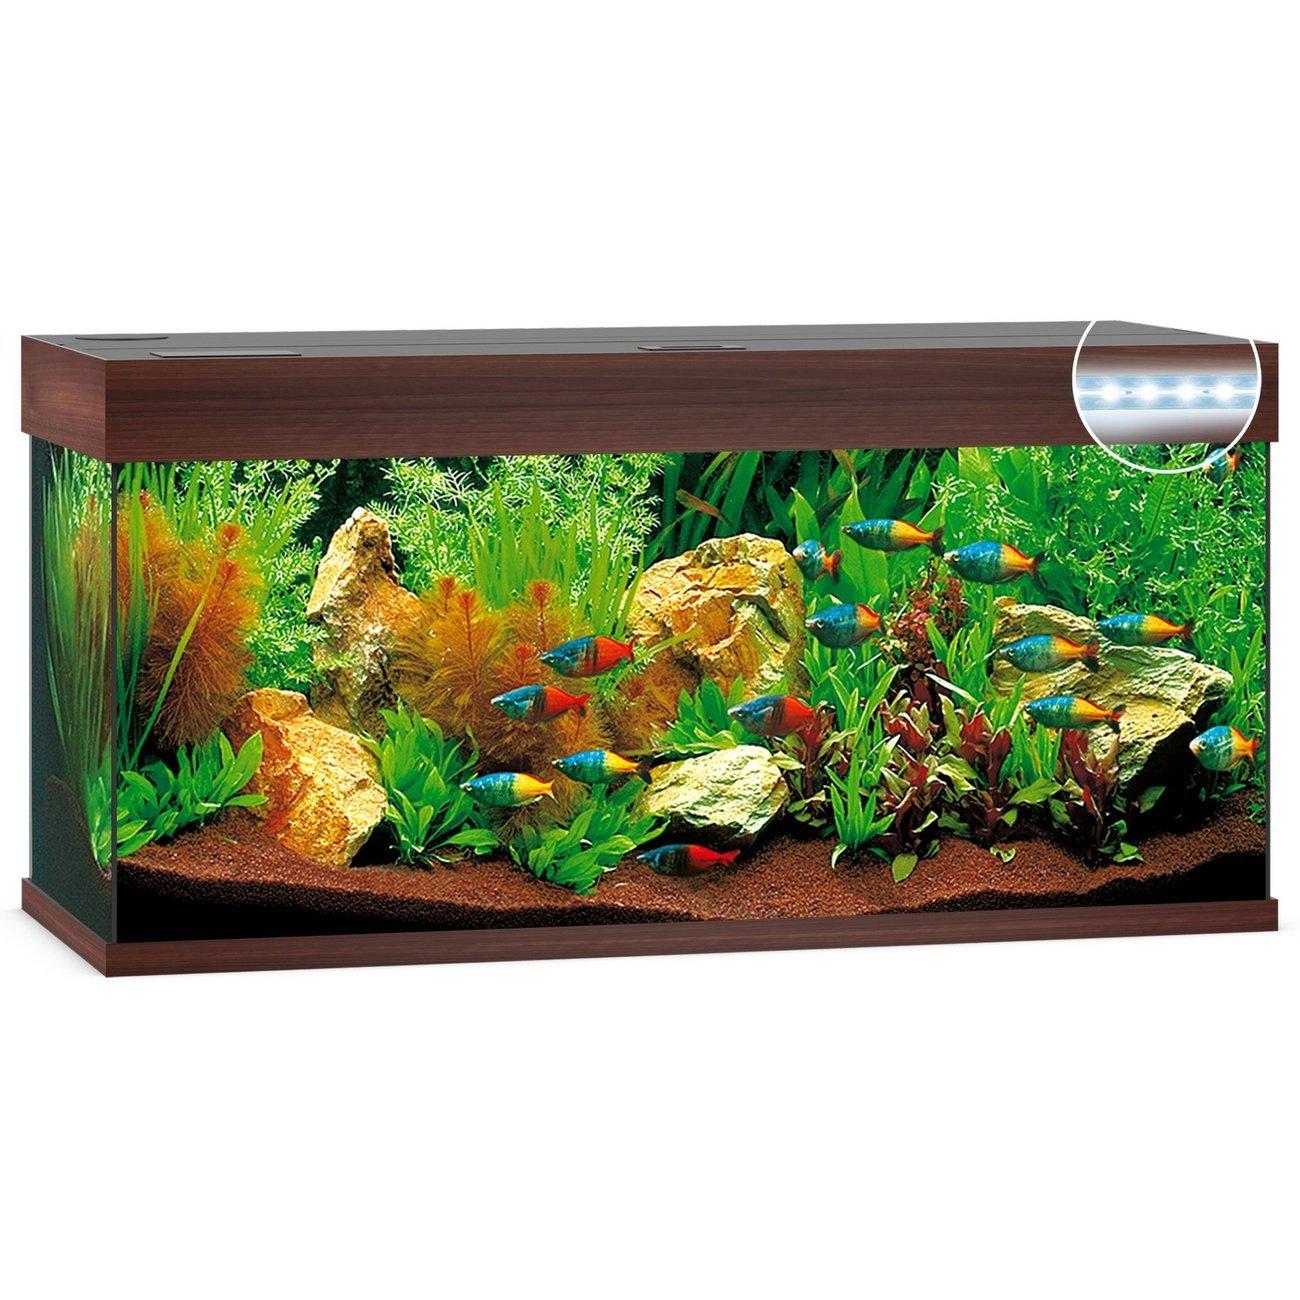 Juwel Rio 180 LED Aquarium, Bild 2